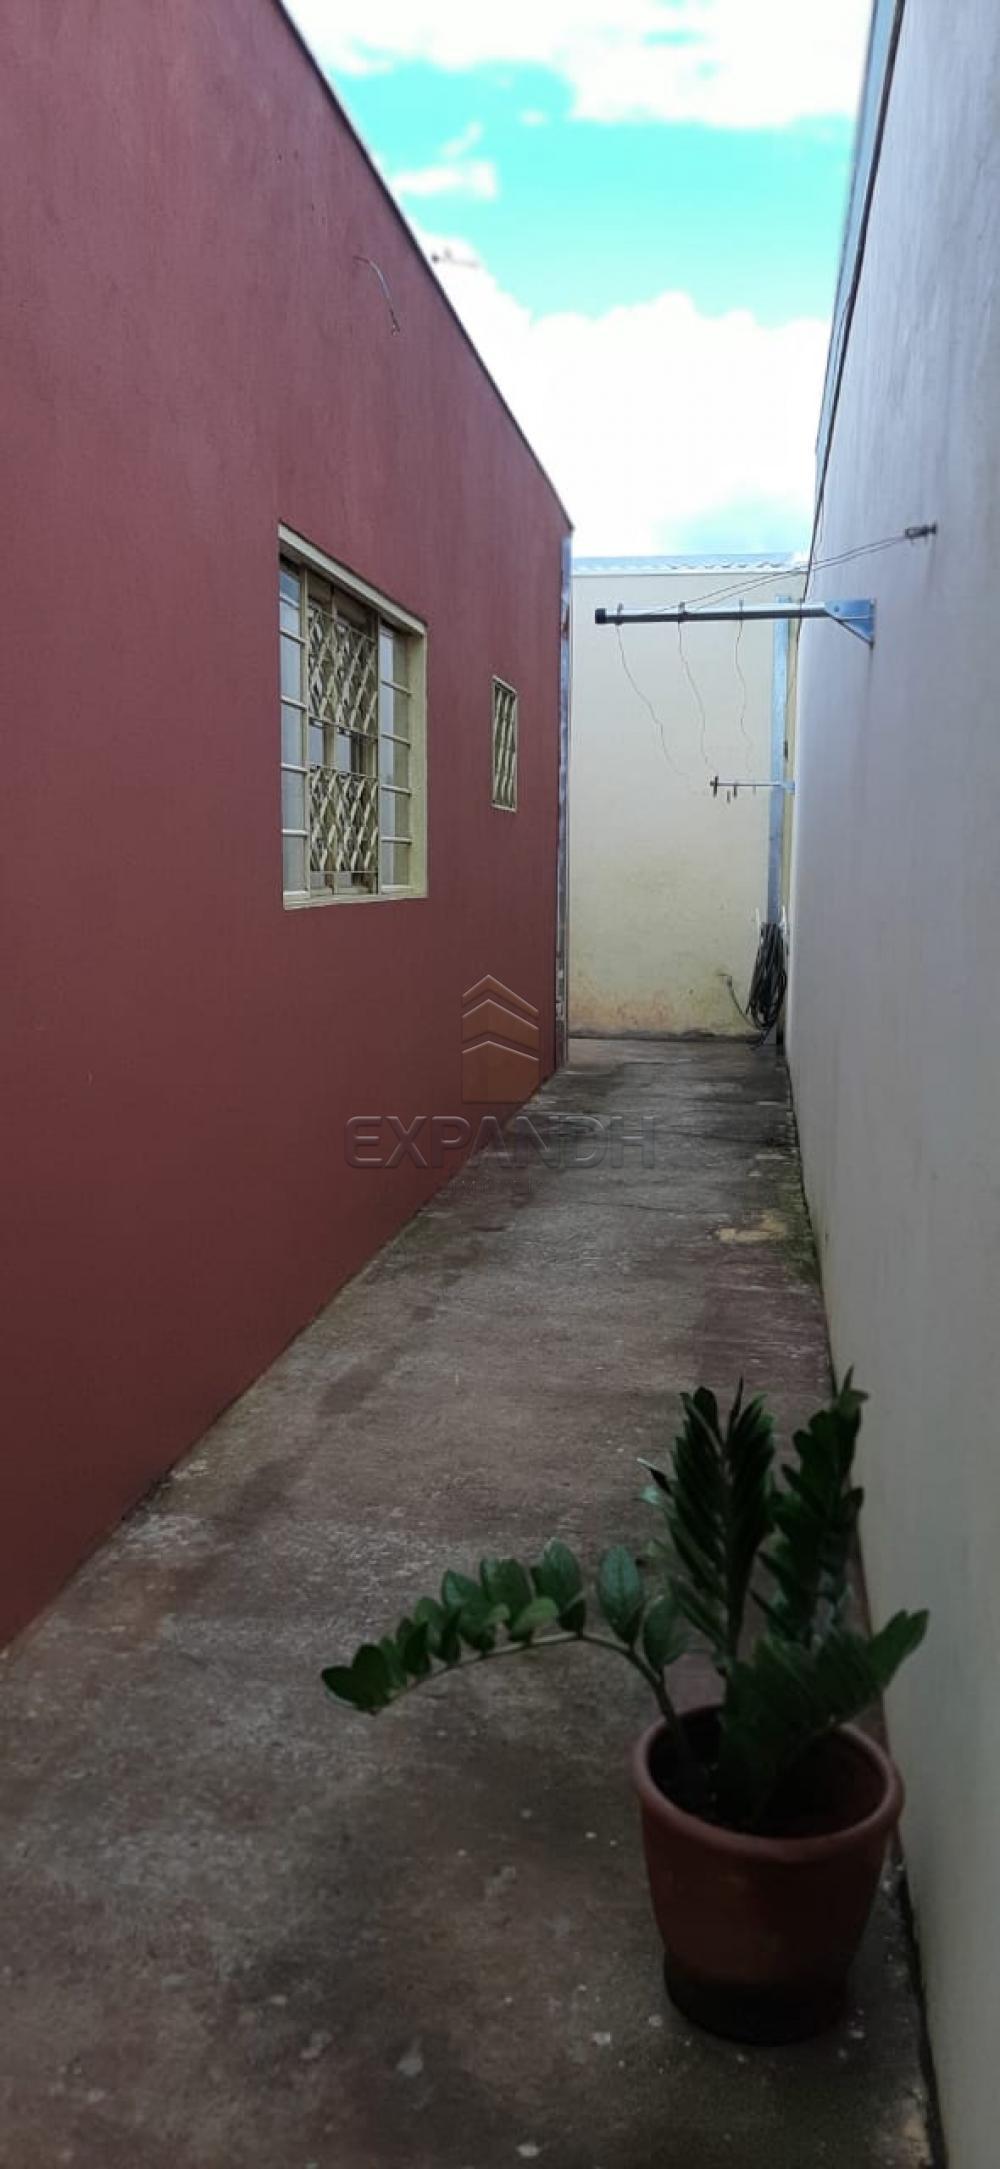 Comprar Comerciais / Salão em Sertãozinho R$ 260.000,00 - Foto 5